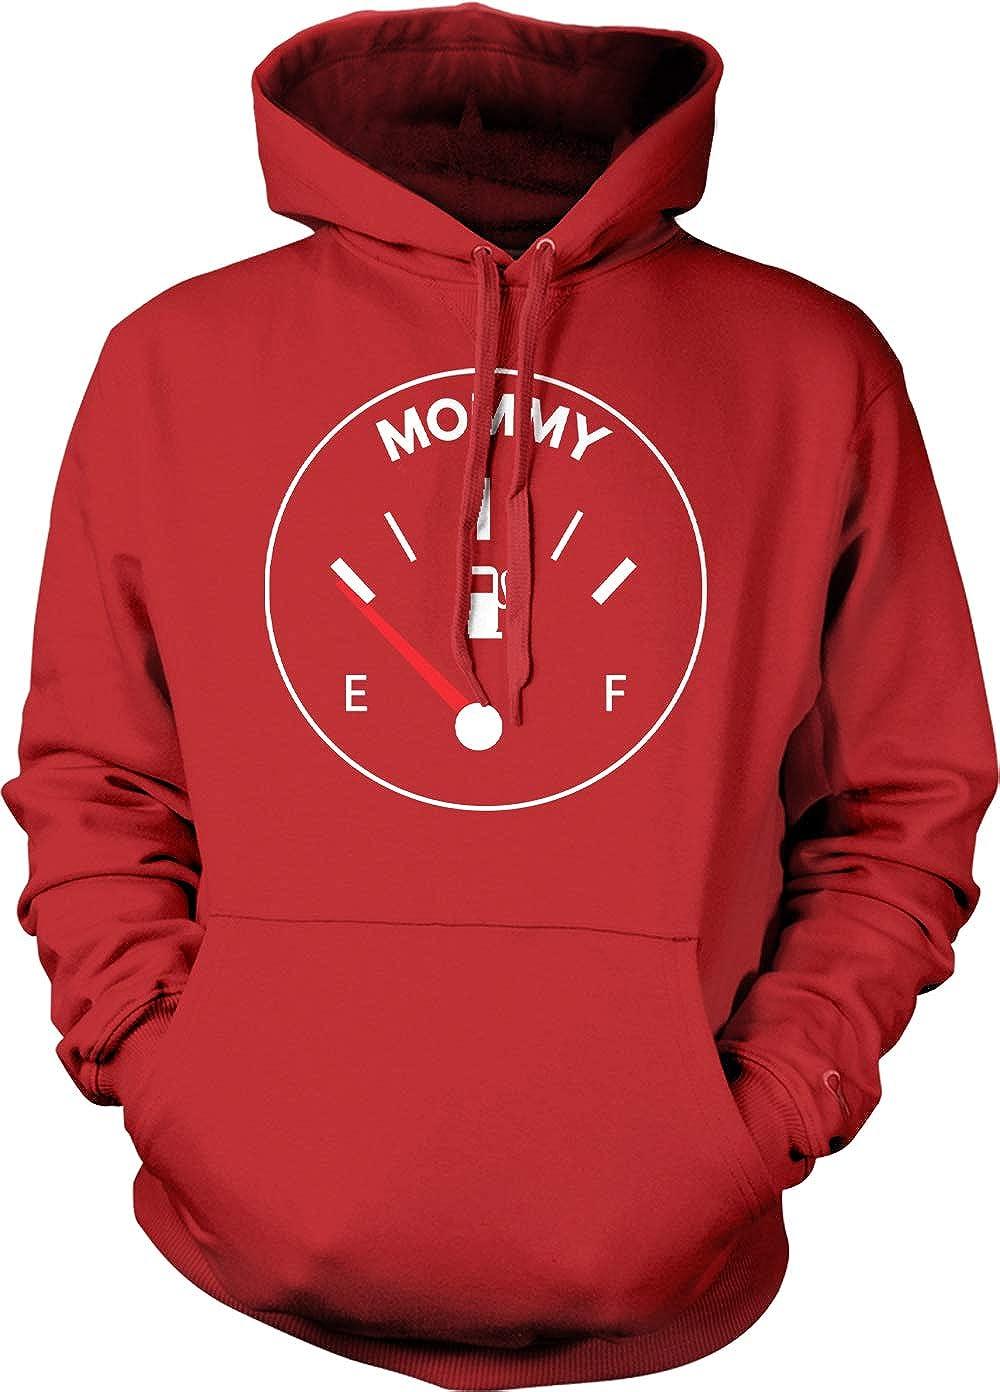 Tcombo Mommy Fuel Gauge Funny Car Mechanic Mom Unisex Hoodie Sweatshirt